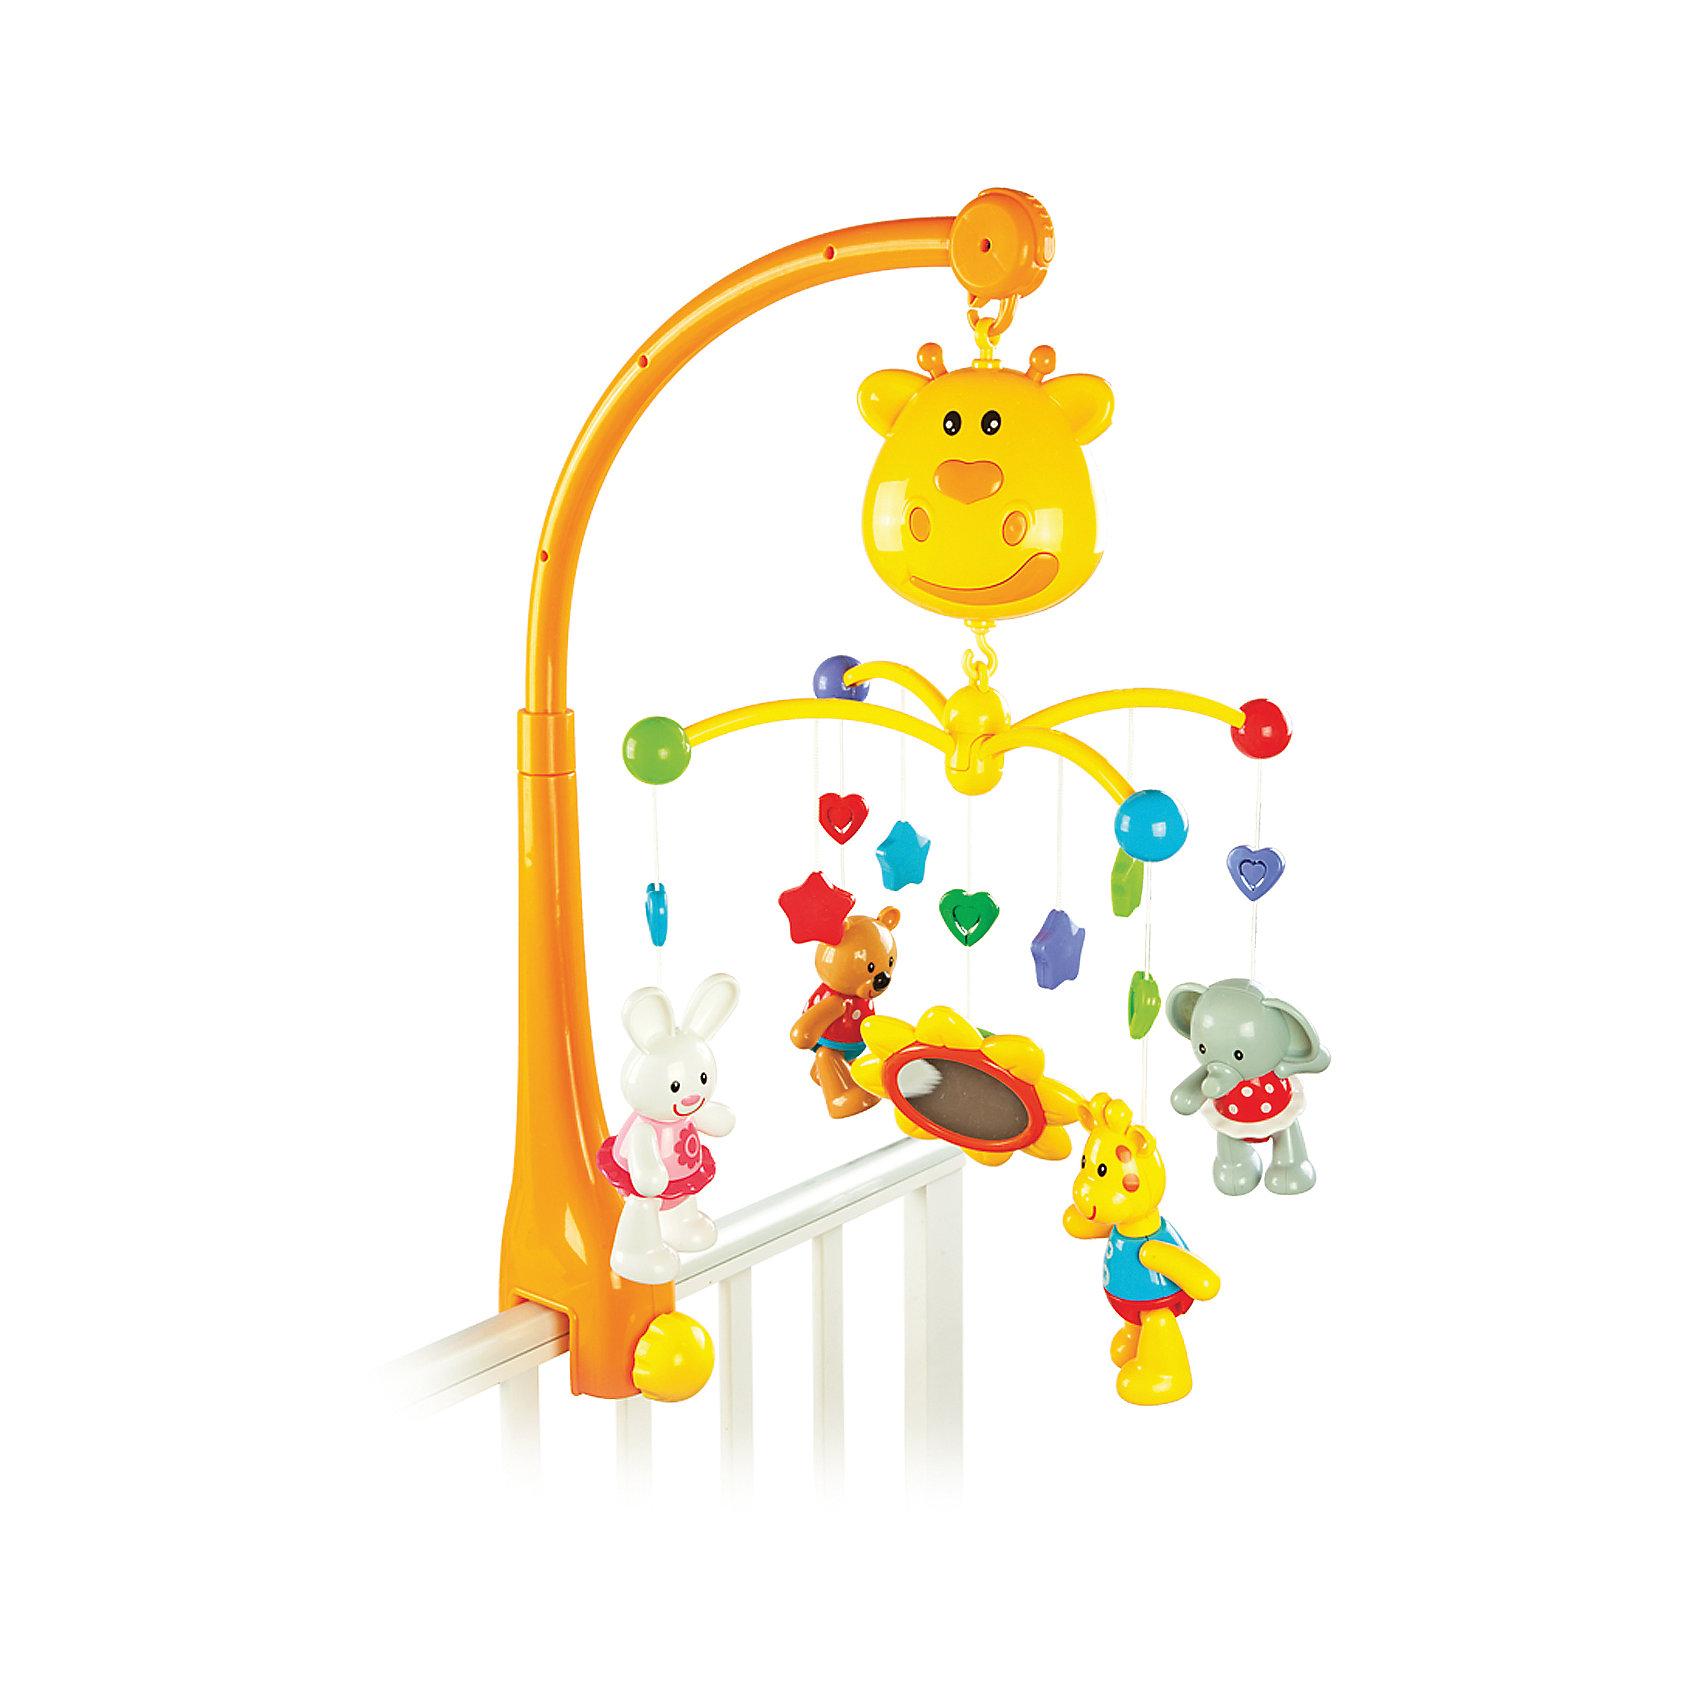 Мобиль Жирафики Жирафик многофункциональный, 18 мелодийИгрушки для новорожденных<br>Характеристики:<br><br>• 18 мелодий;<br>• два режима: кручение с музыкой и музыка без кручения;<br>• три вида мелодий: колыбельные, звуки природы, веселая музыка;<br>• таймер на 10-15-20 минут;<br>• ручки и ножки игрушек можно поворачивать;<br>• батарейки: АА - 2 шт. (не входят в комплект);<br>• размер мобиля: 60 см;<br>• материал: пластик, металл;<br>• возраст: с рождения;<br>• размер упаковки: 42х32х7,5 см;<br>• вес: 1,38 кг;<br>• страна бренда: Россия.<br><br>Мобиль - универсальная игрушка для малышей с самого рождения. Малыш сможет наблюдать за яркими крутящимися игрушками и слушаться приятную музыку. Когда ребенок подрастет, родители смогут предложить ему поиграть с игрушками отдельно. Ножки, ручки и головы игрушек можно поворачивать.<br><br>Мобиль имеет два режима работы: музыка без вращения игрушек и музыка с вращением игрушек. Мобиль имеет 18 встроенных мелодий: колыбельные мелодии, звуки природы и веселая музыка. Во время бодрствования малыш сможет послушать веселую музыку. А перед сном кроха успокоится, прослушивая колыбельные или звуки природы. Для смены мелодии нужно нажать на носик жирафа или на кнопку, расположенную ниже носика.<br><br>Мобиль оснащен таймером на 10,15 и 20 минут. Игрушка способствует развитию тактильных навыков, цветового восприятия и хватательного рефлекса.<br><br>Мультифункциональный мобиль Жирафик, 18 мелодий, Жирафики можно купить в нашем интернет-магазине.<br><br>Ширина мм: 420<br>Глубина мм: 75<br>Высота мм: 320<br>Вес г: 1380<br>Возраст от месяцев: 6<br>Возраст до месяцев: 2147483647<br>Пол: Унисекс<br>Возраст: Детский<br>SKU: 6885296